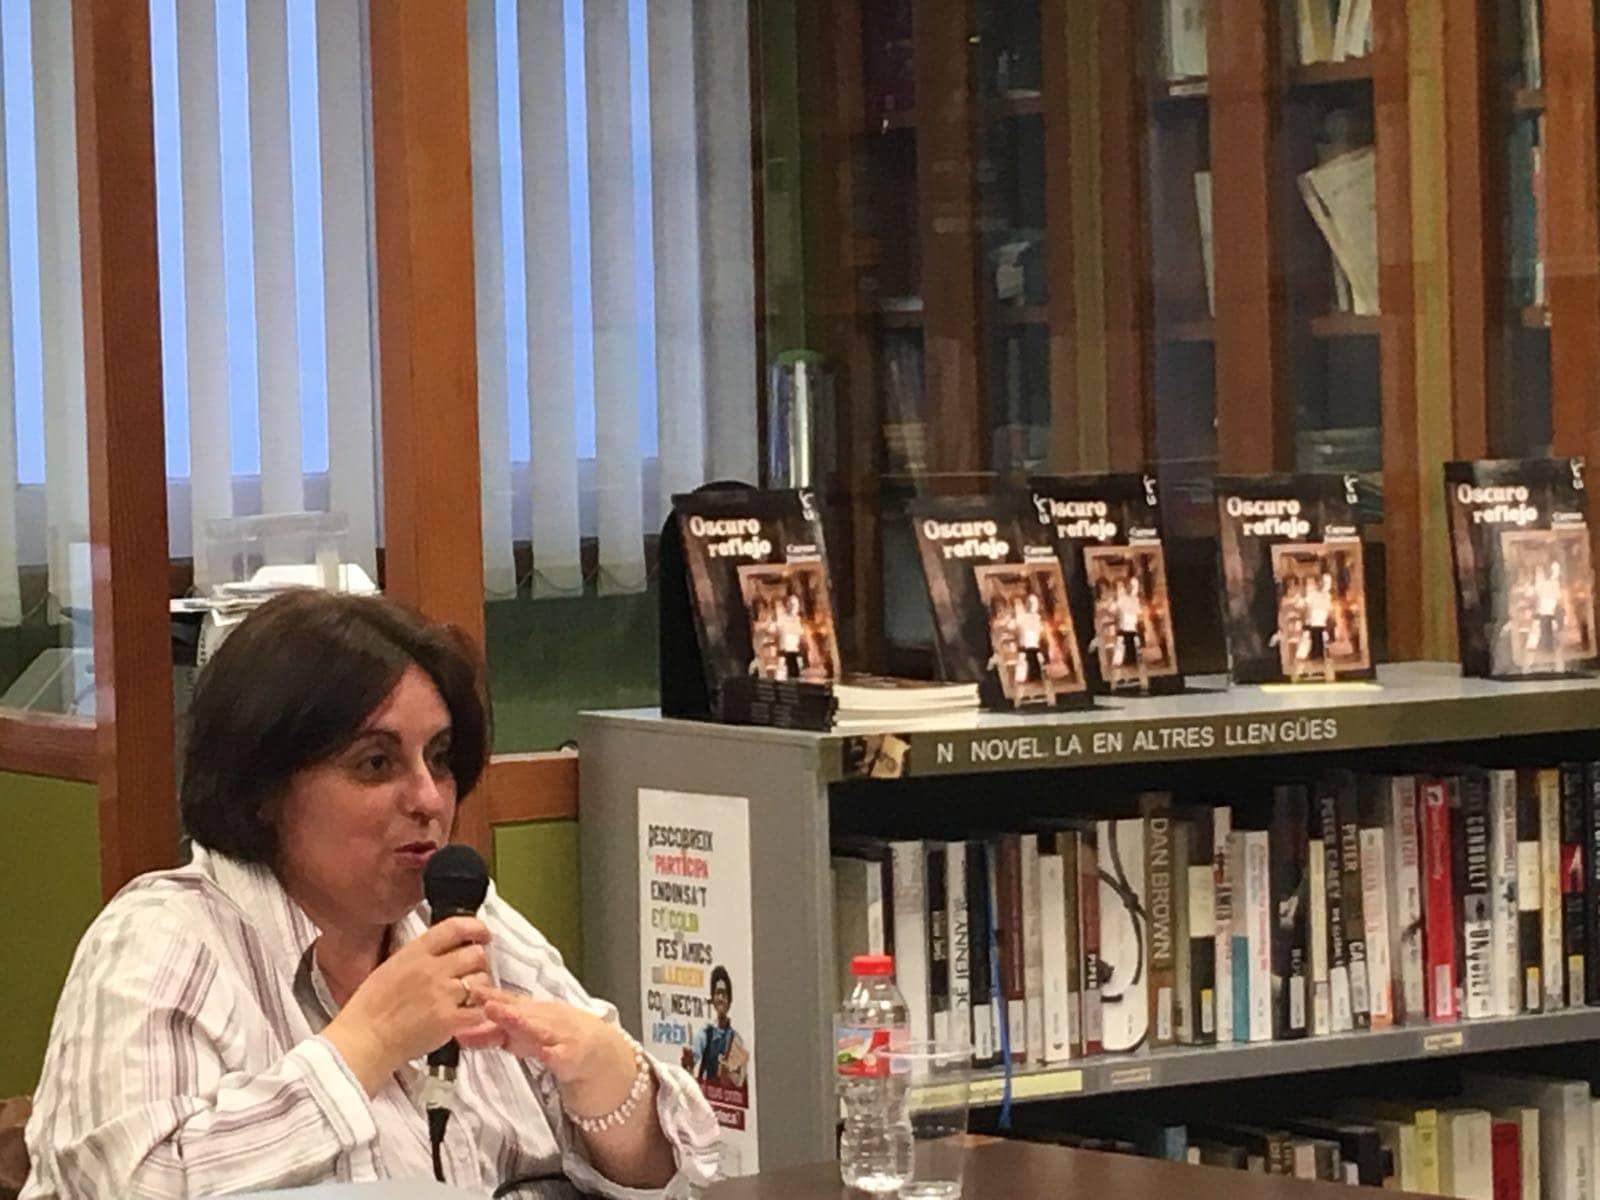 """Conoce a Carme Jiménez autora de """"Oscuro reflejo"""""""